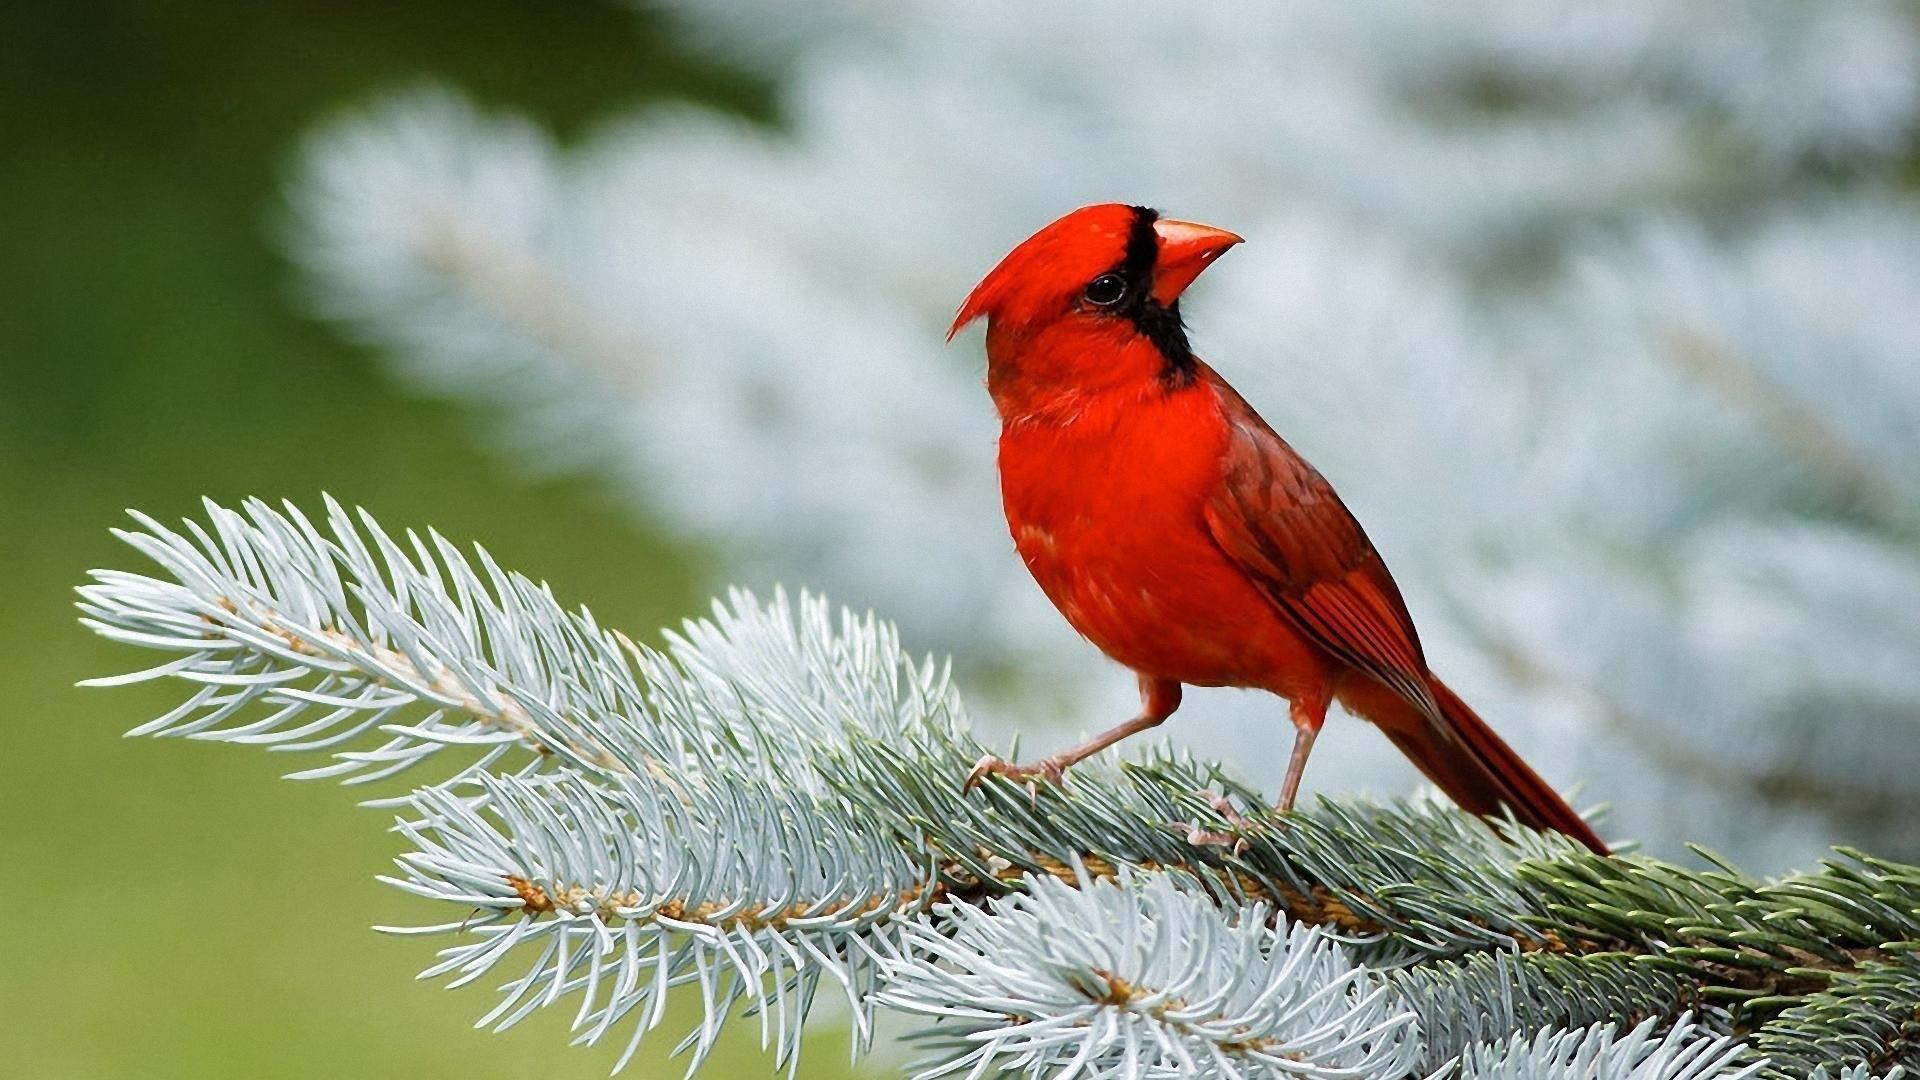 Red Cardinal Bird With Images Cardinal Birds Beautiful Bird